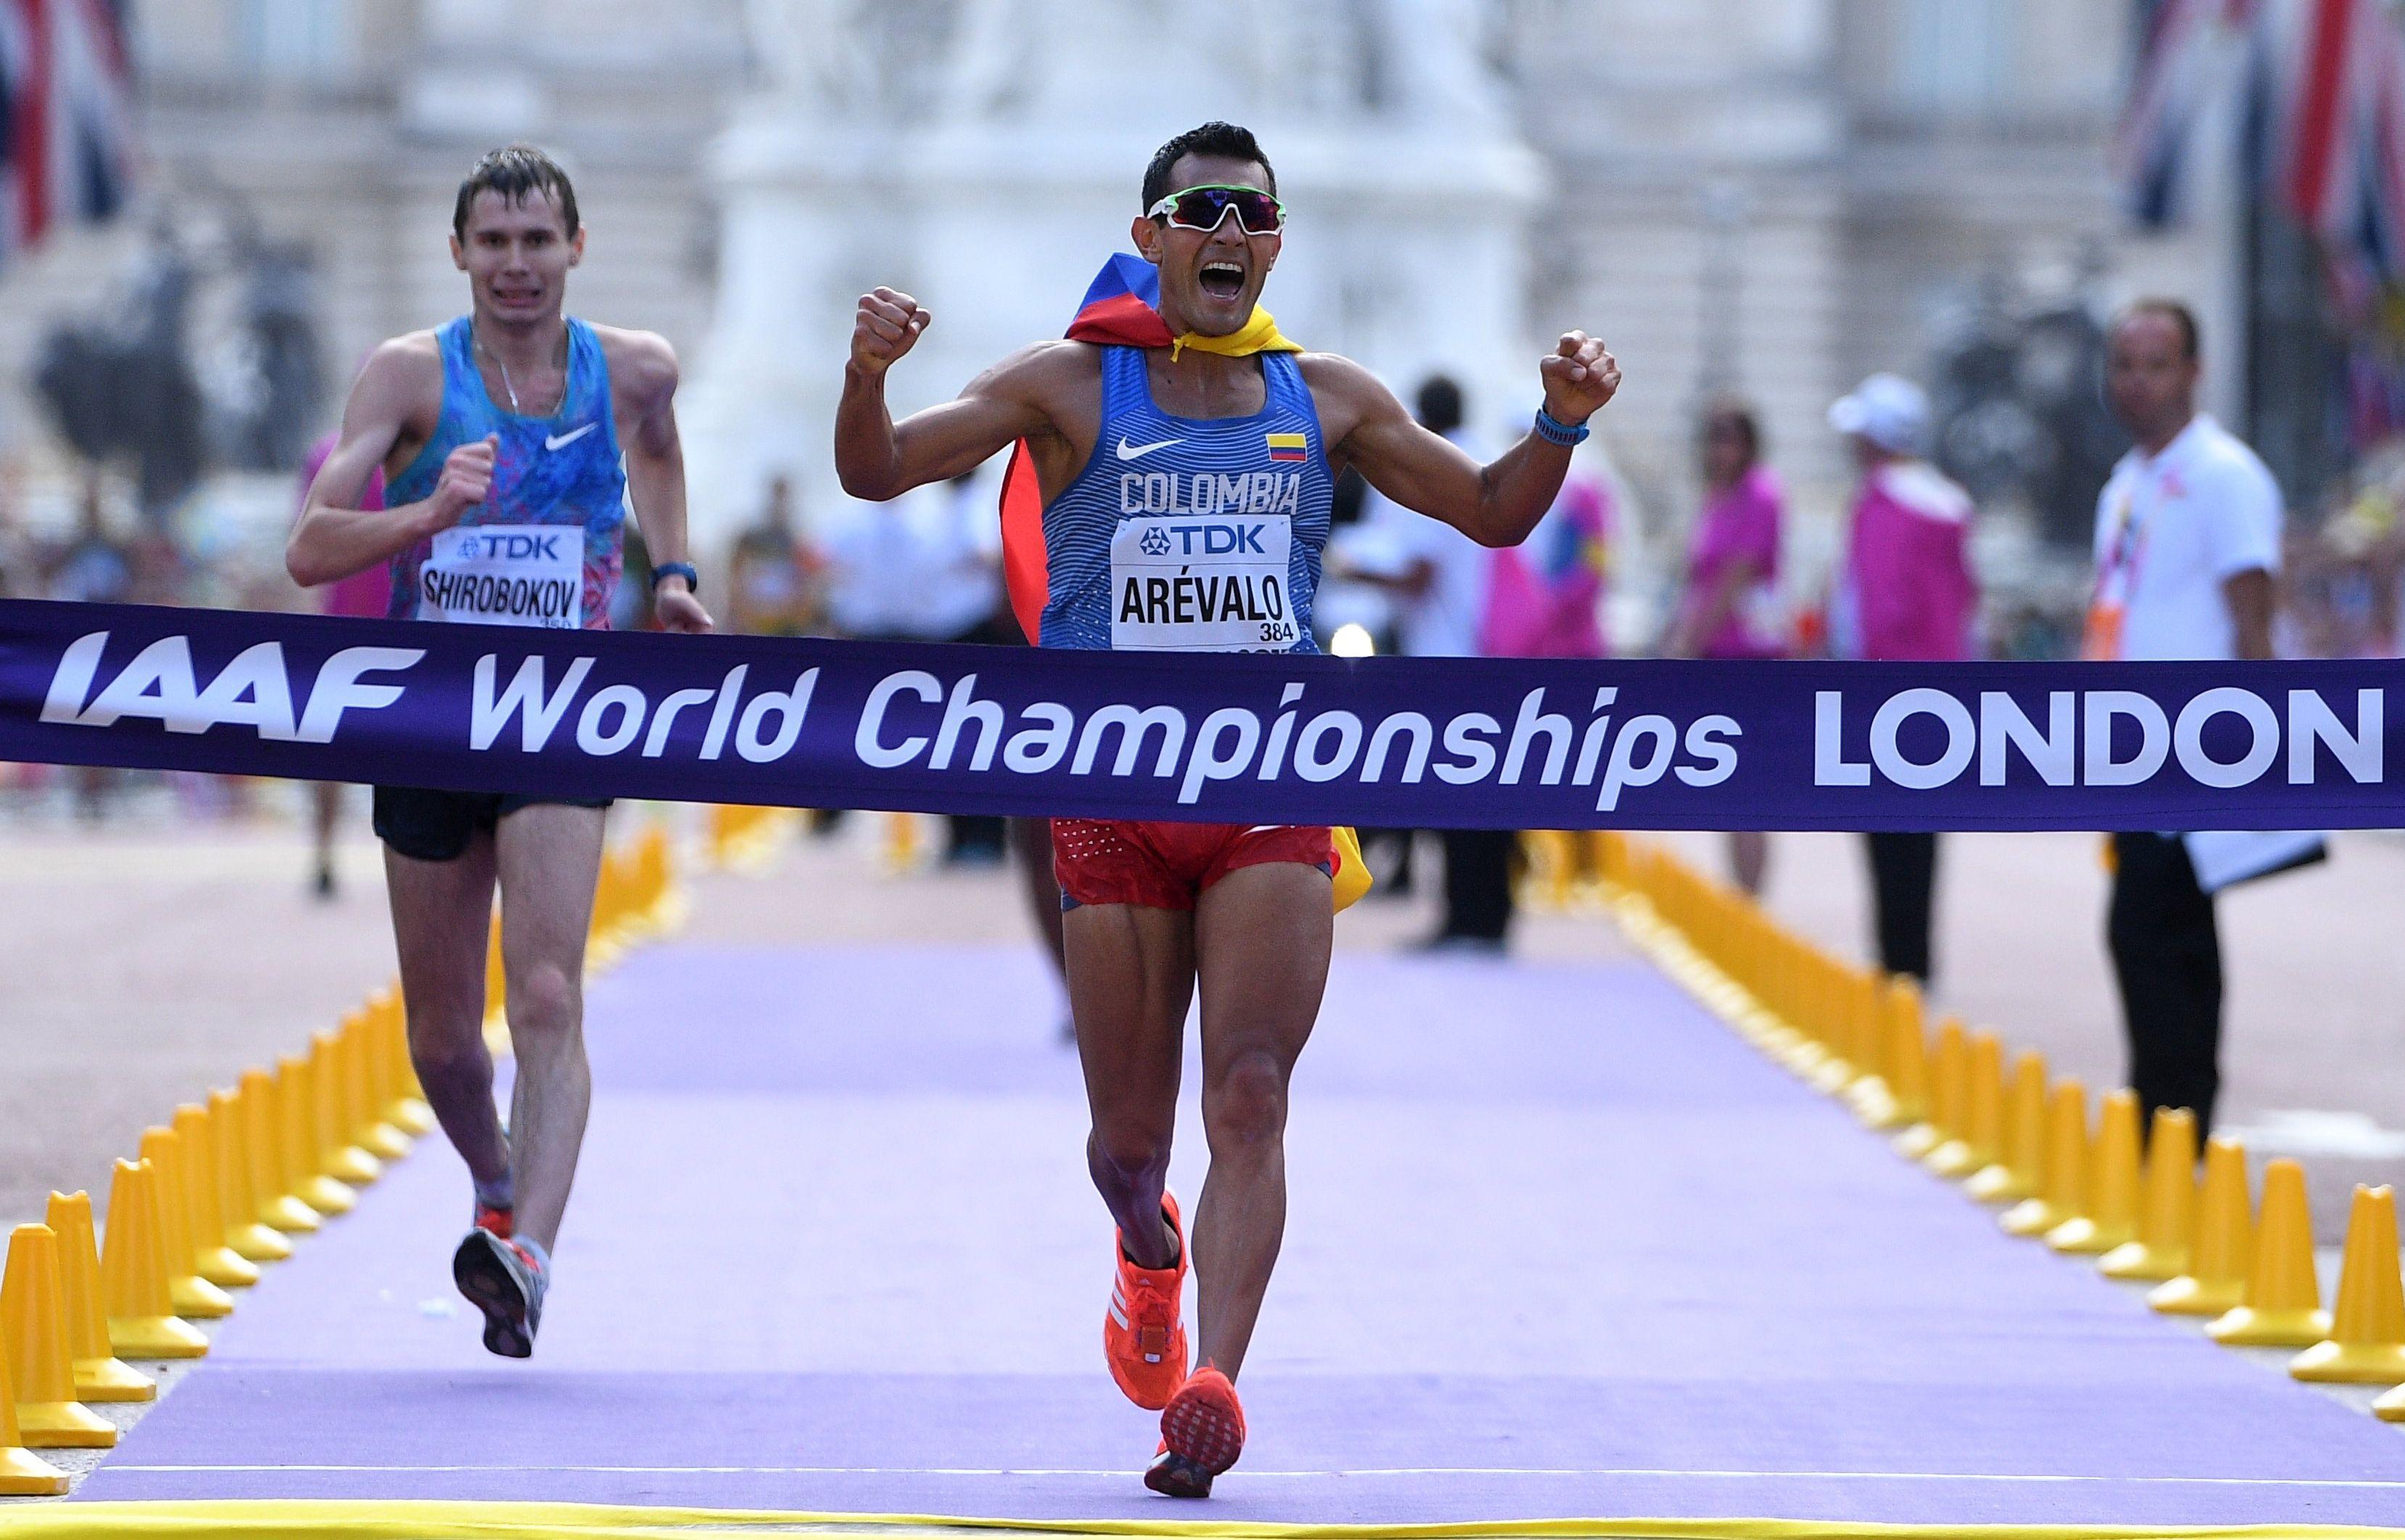 SP ATLETIKA Kolumbijac Arevalo najbolji hodač na 20km